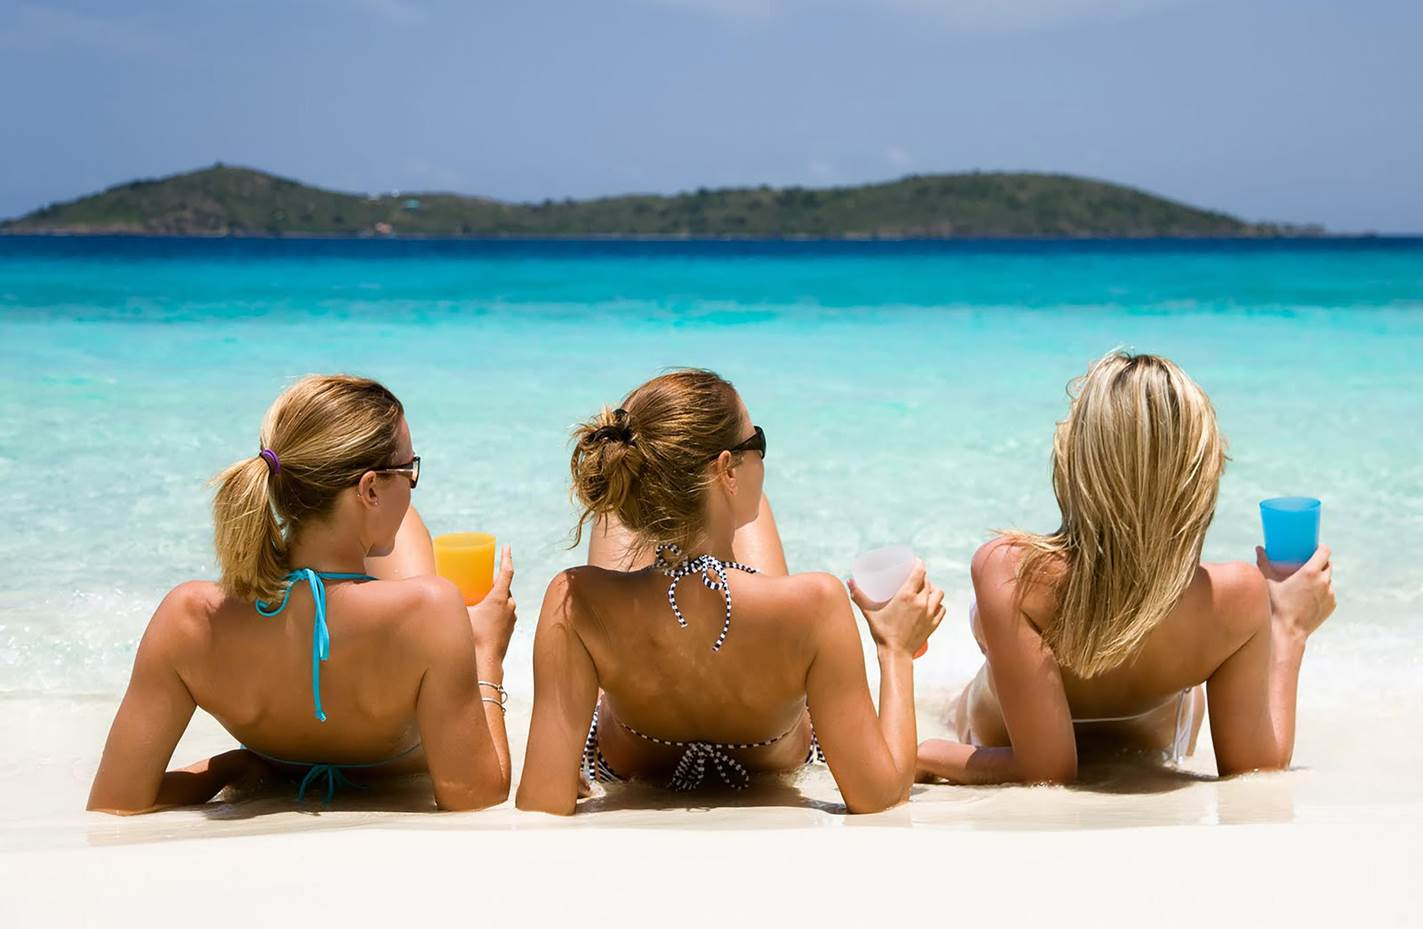 Khung cảnh tuyệt đẹp với biển xanh và cát trắng